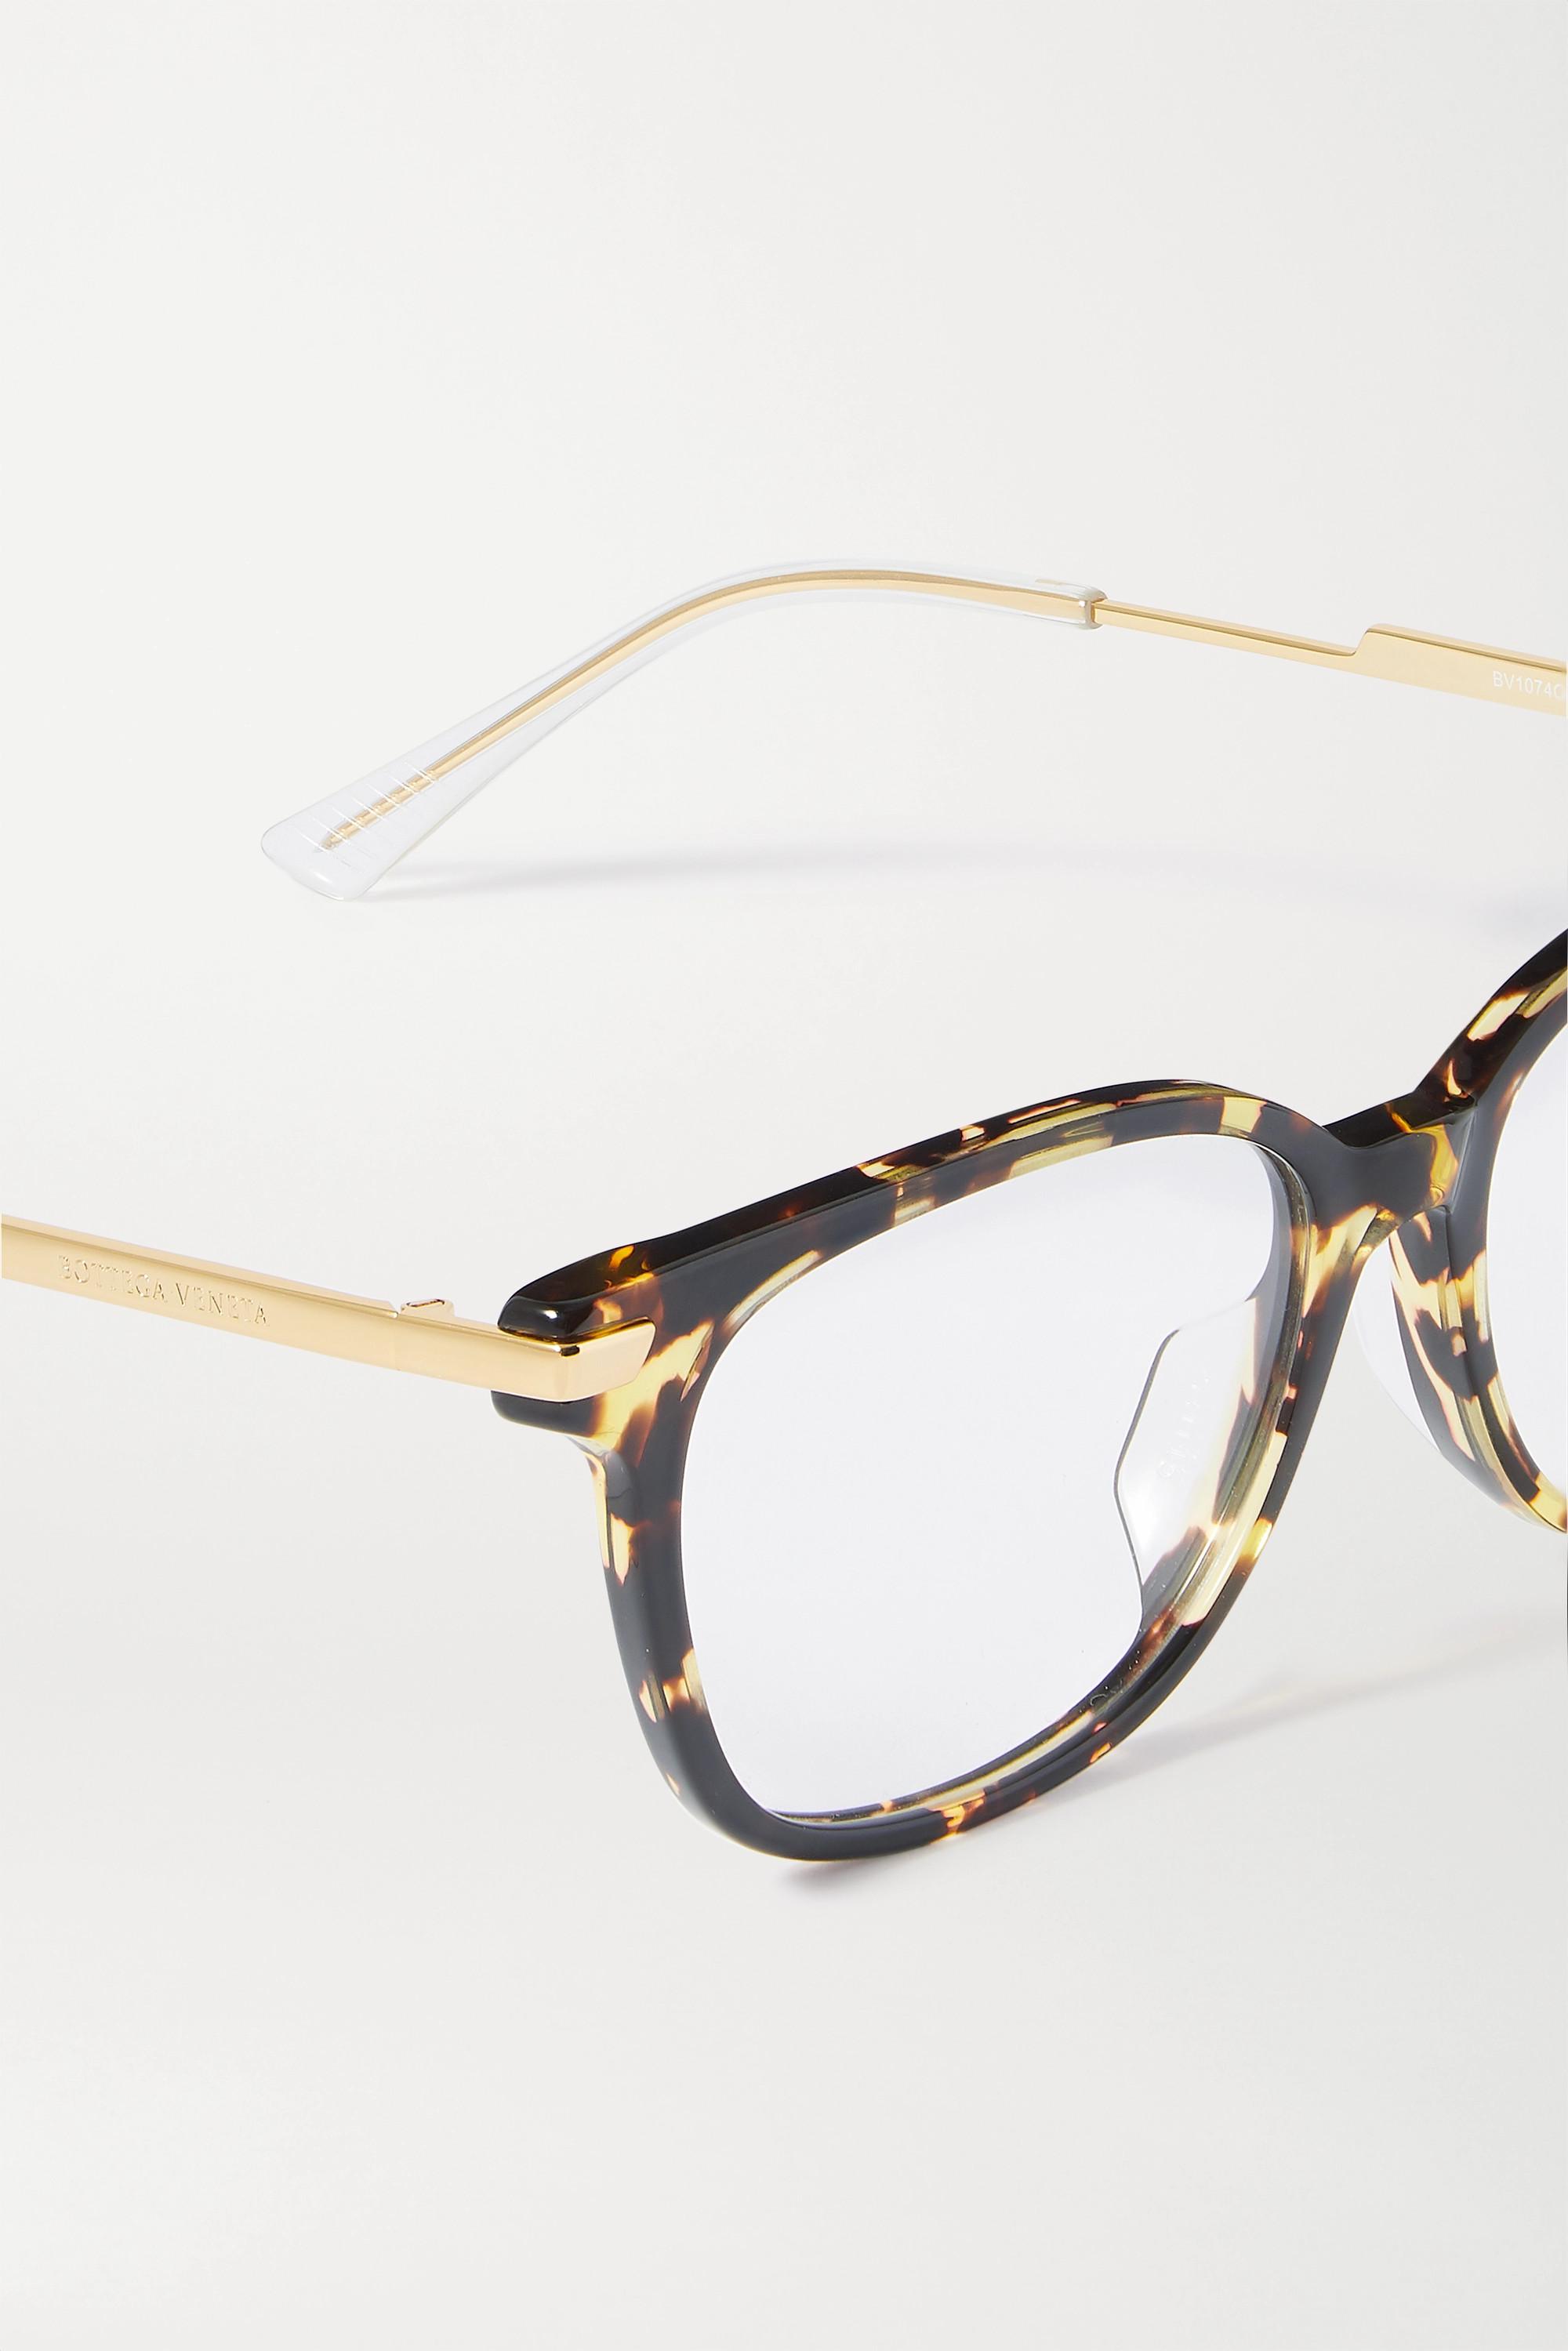 Bottega Veneta Square-frame tortoiseshell acetate and gold-tone optical glasses